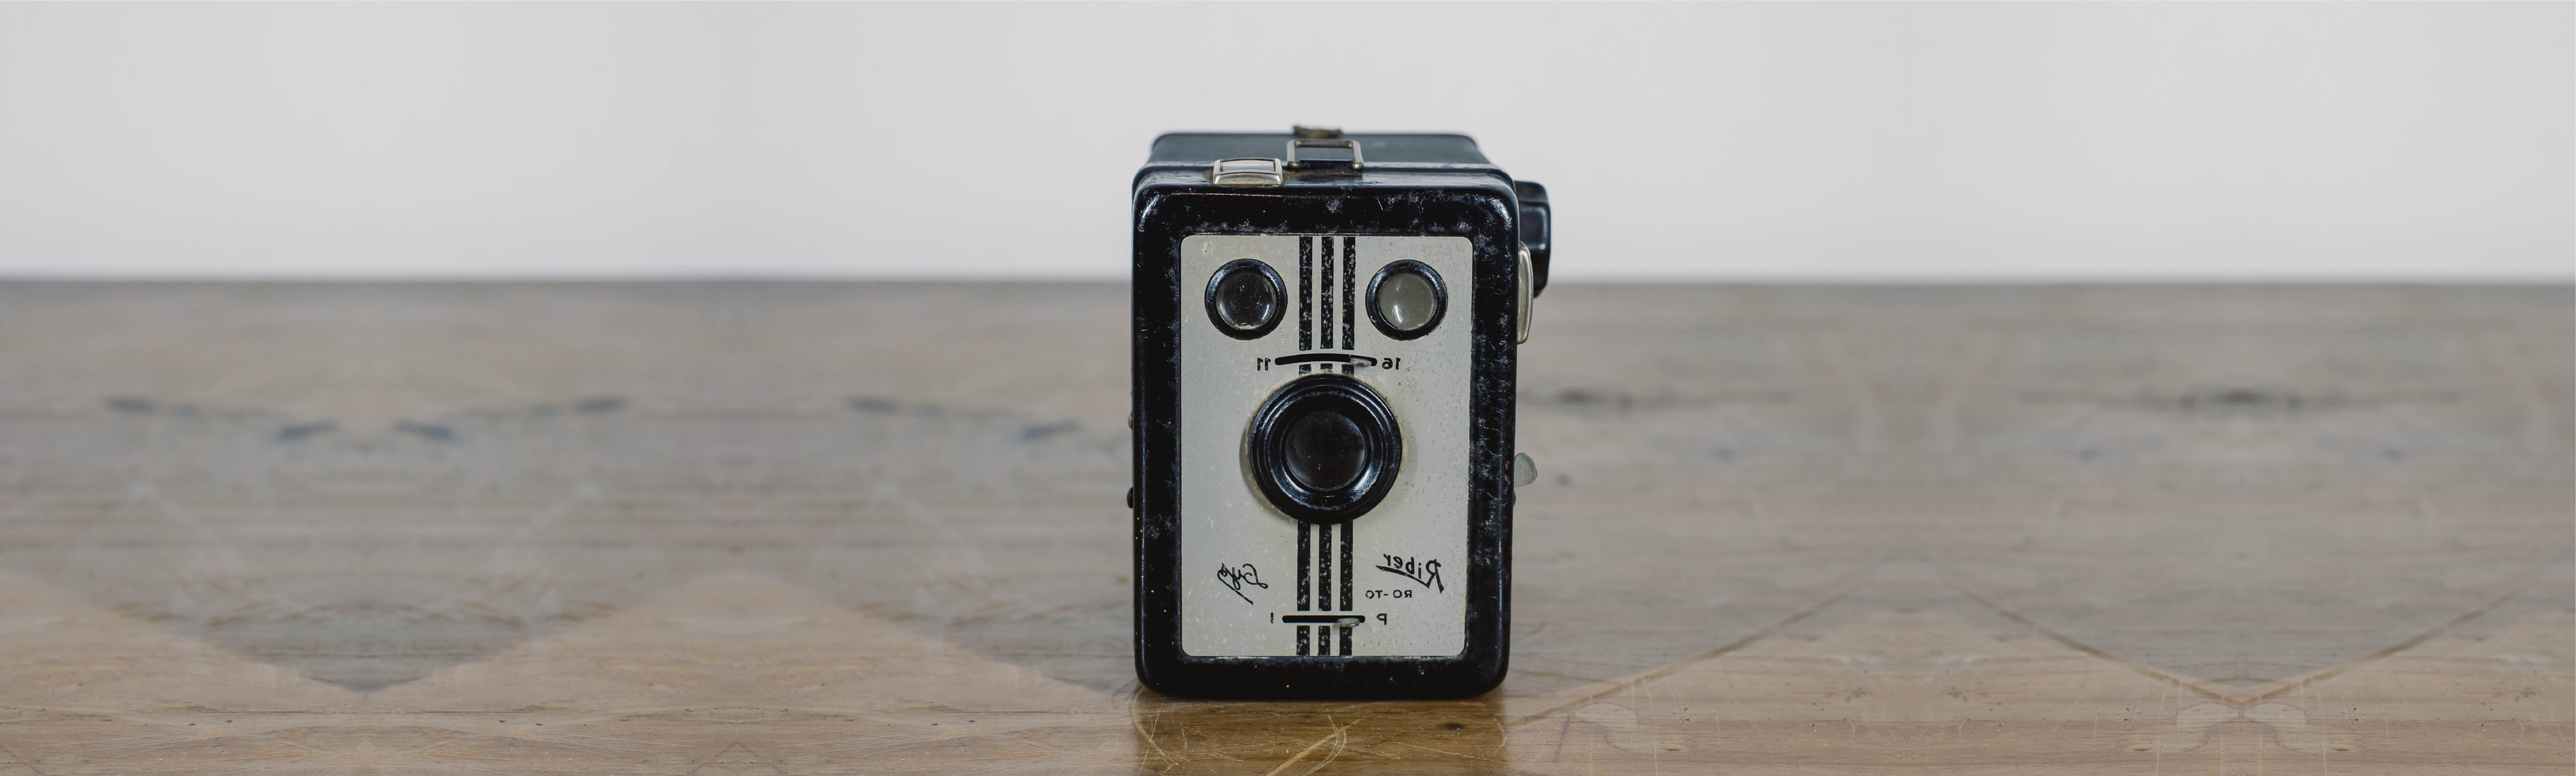 Foto de uma câmera antiga.